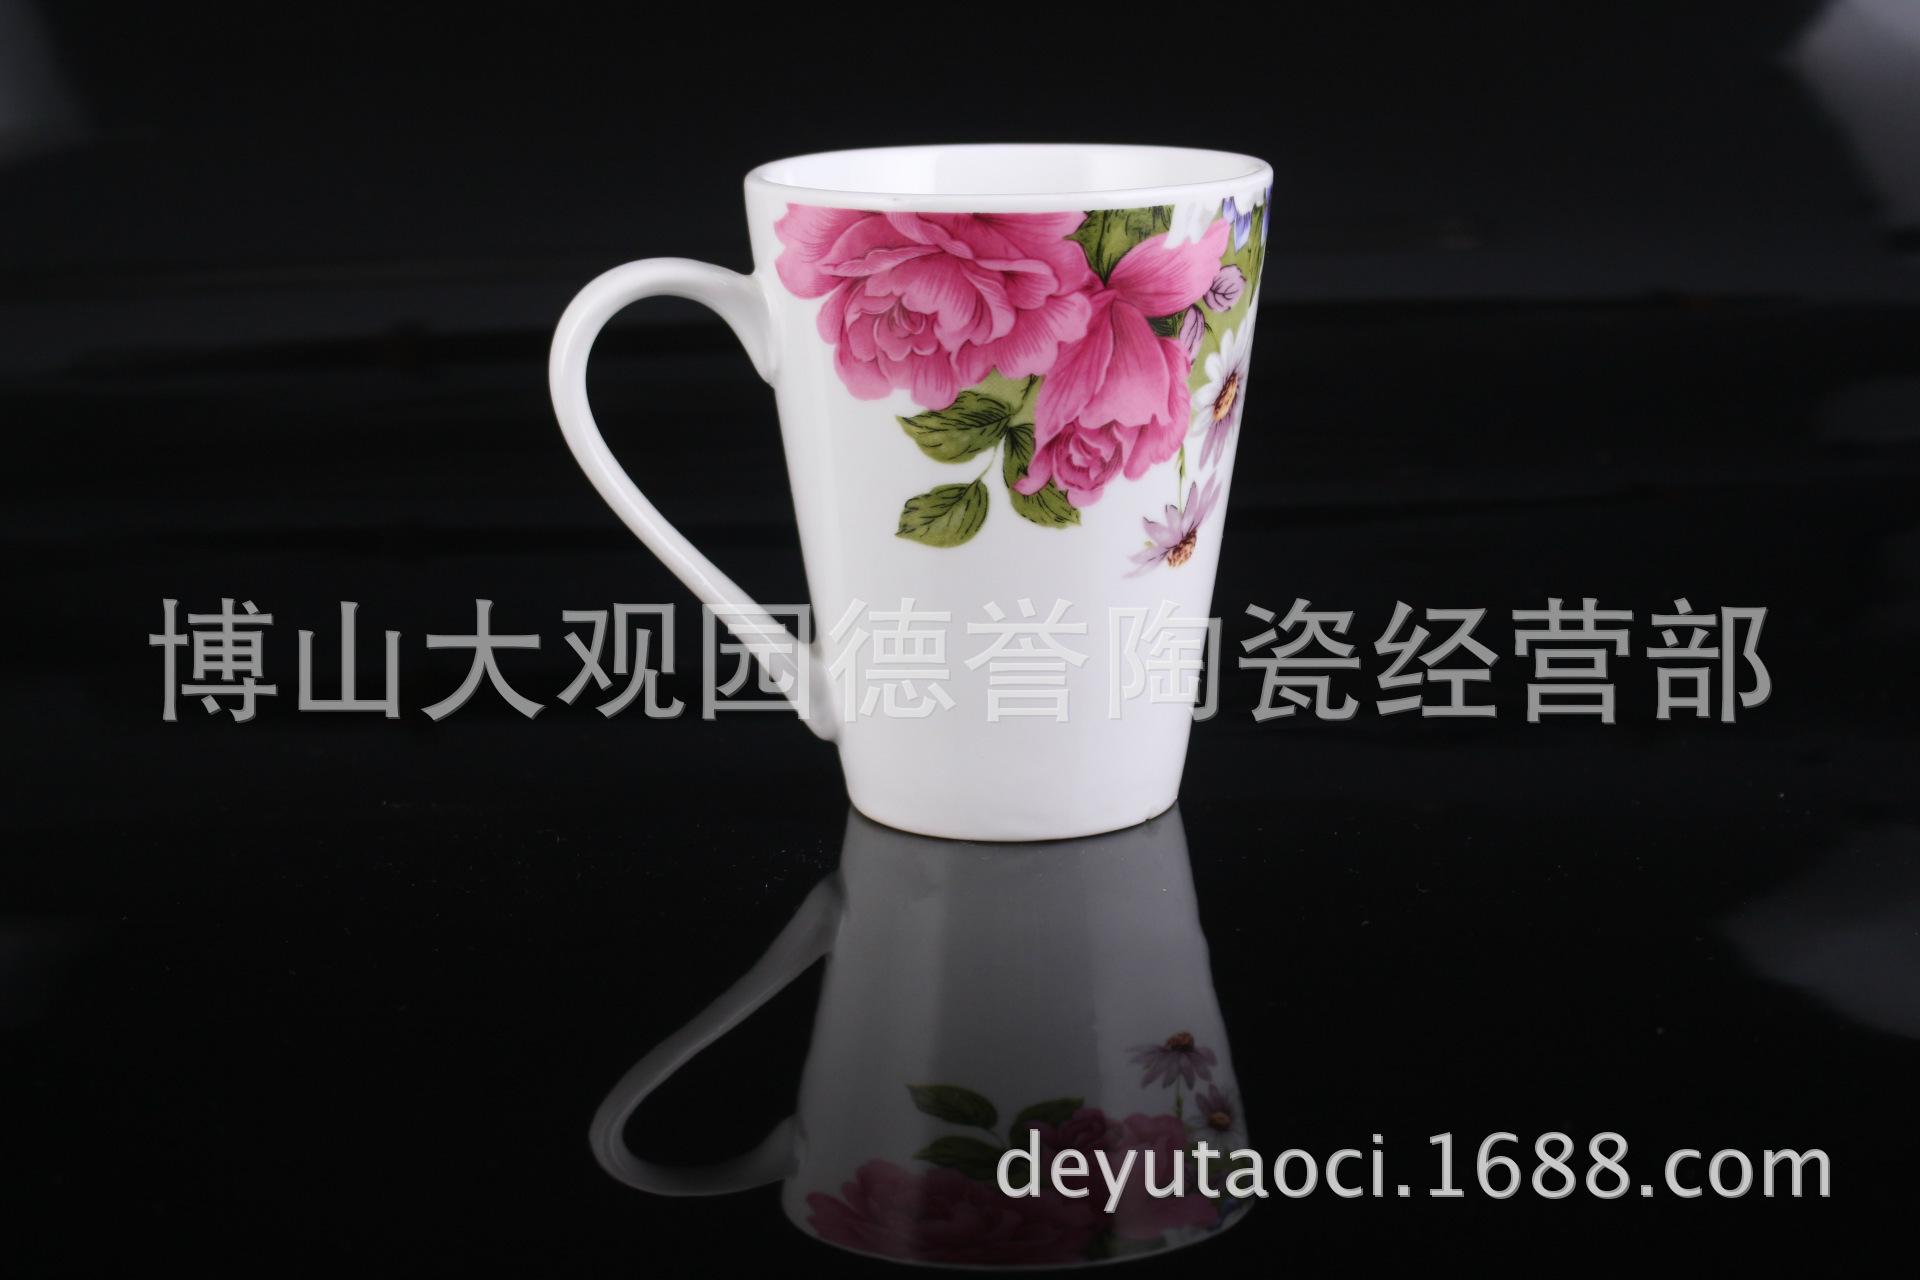 陶瓷杯子 创意马克杯  咖啡杯可爱表情杯茶水杯广告礼品批发0